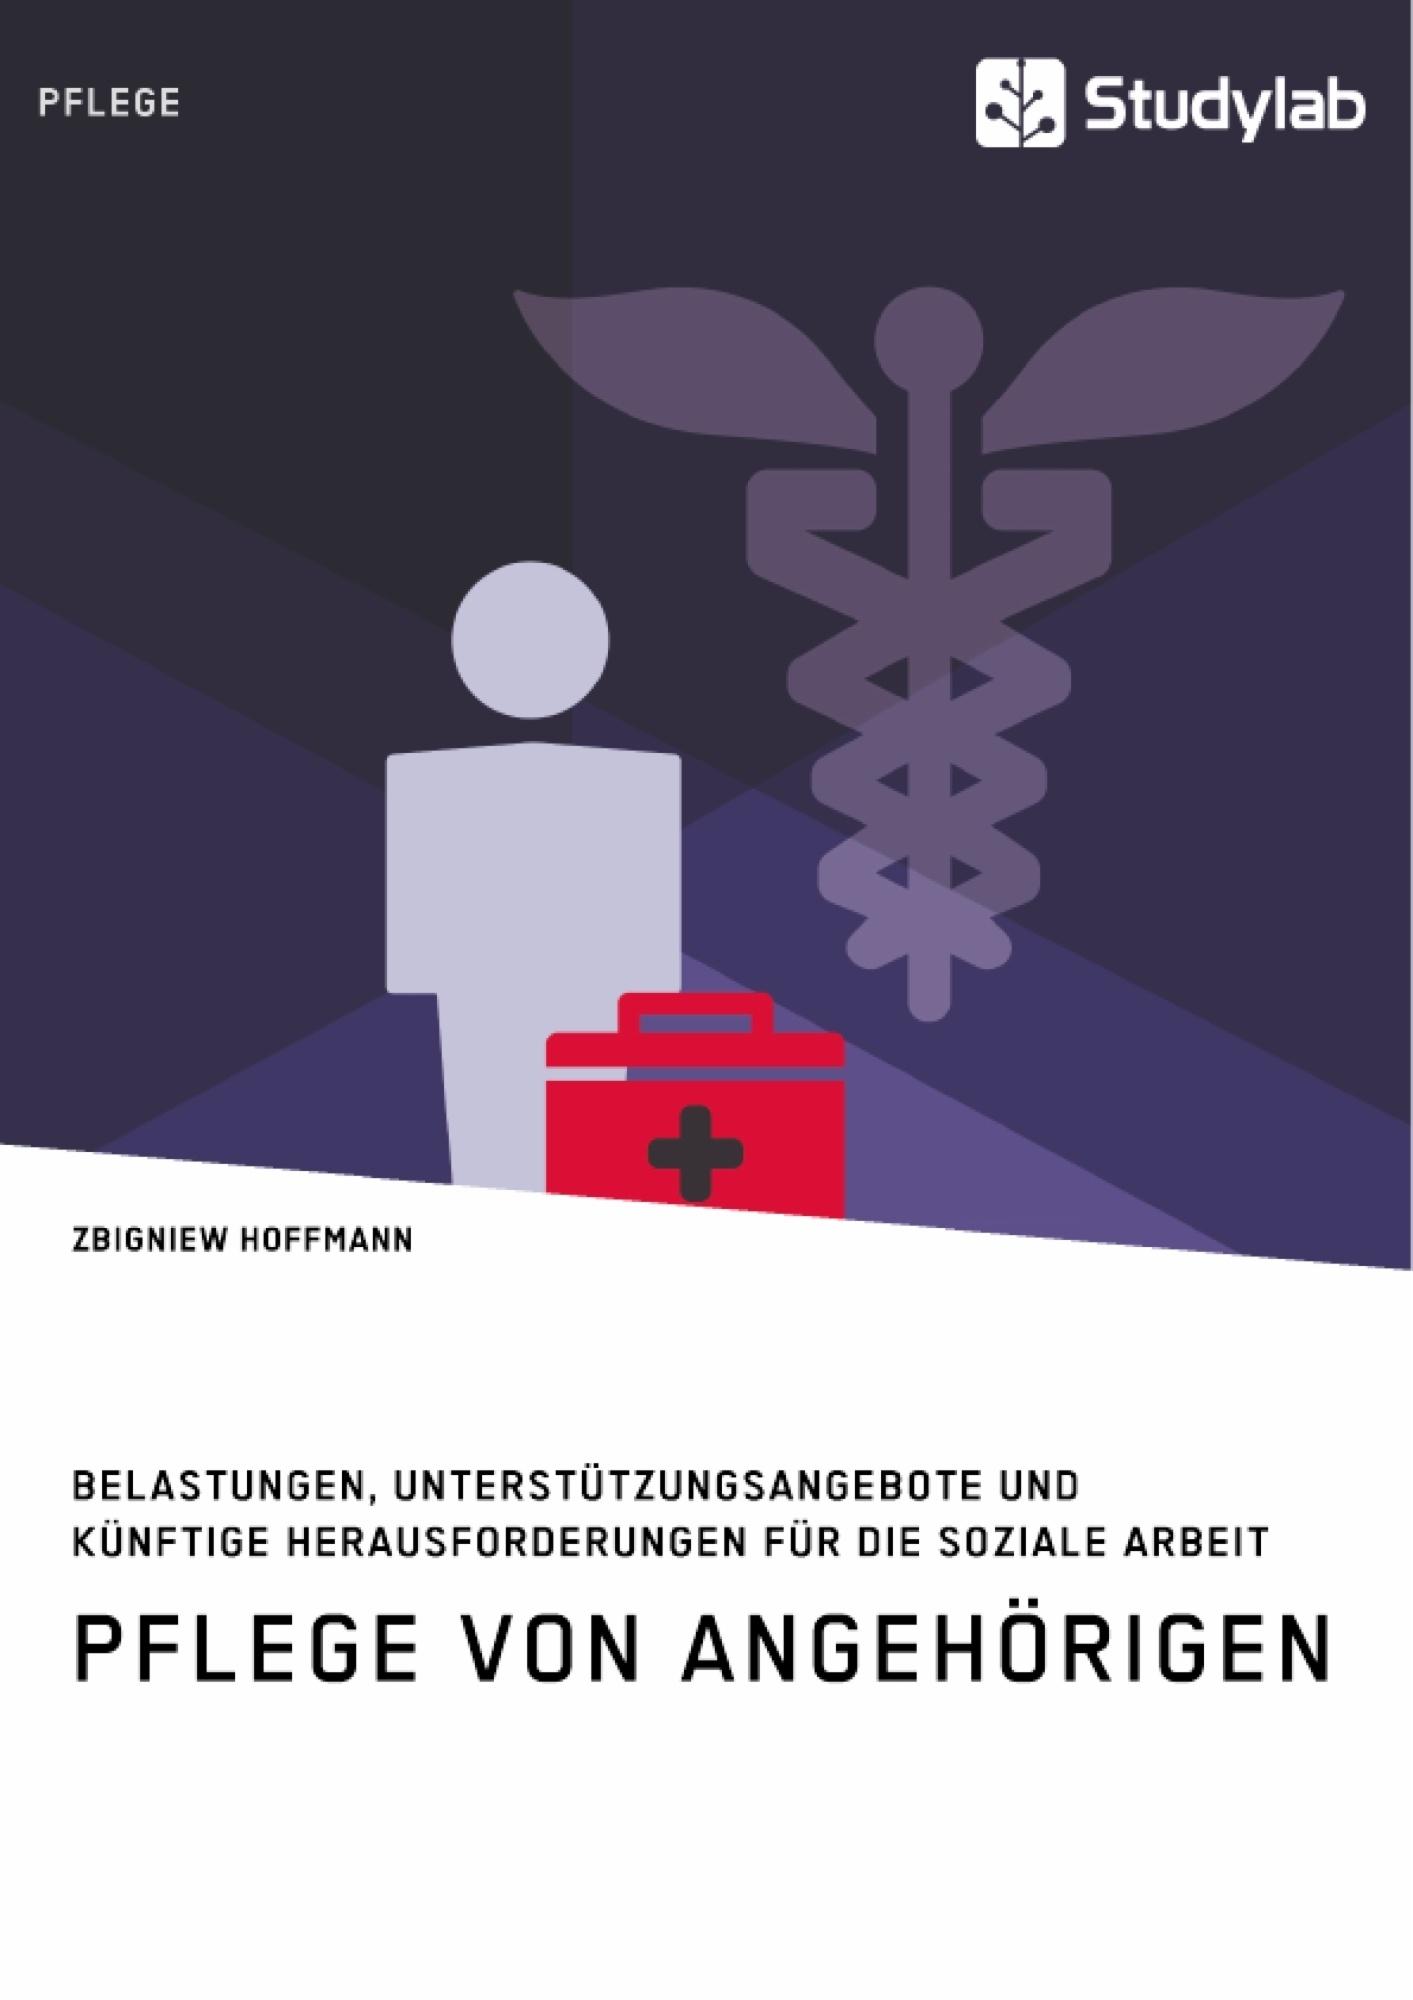 Titel: Pflege von Angehörigen. Belastungen, Unterstützungsangebote und künftige Herausforderungen für die Soziale Arbeit